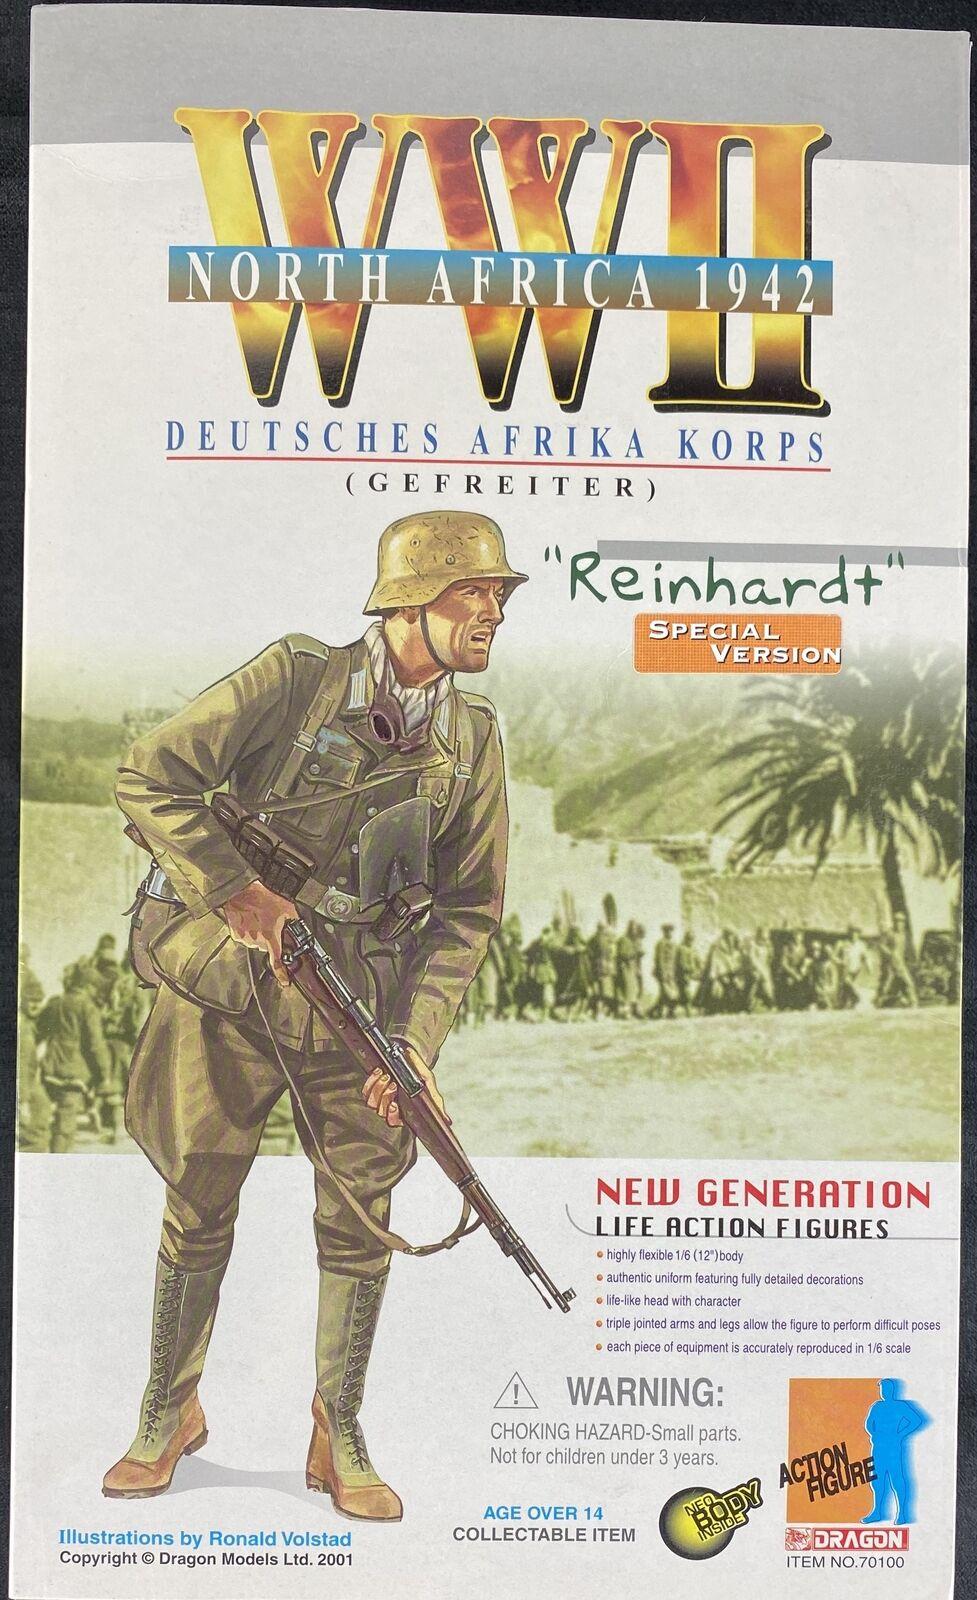 DRAGON Models 1 6 WWII SPECIAL VERSION REINHARDT DEUTSCHES AFRIKA KORPS  70100